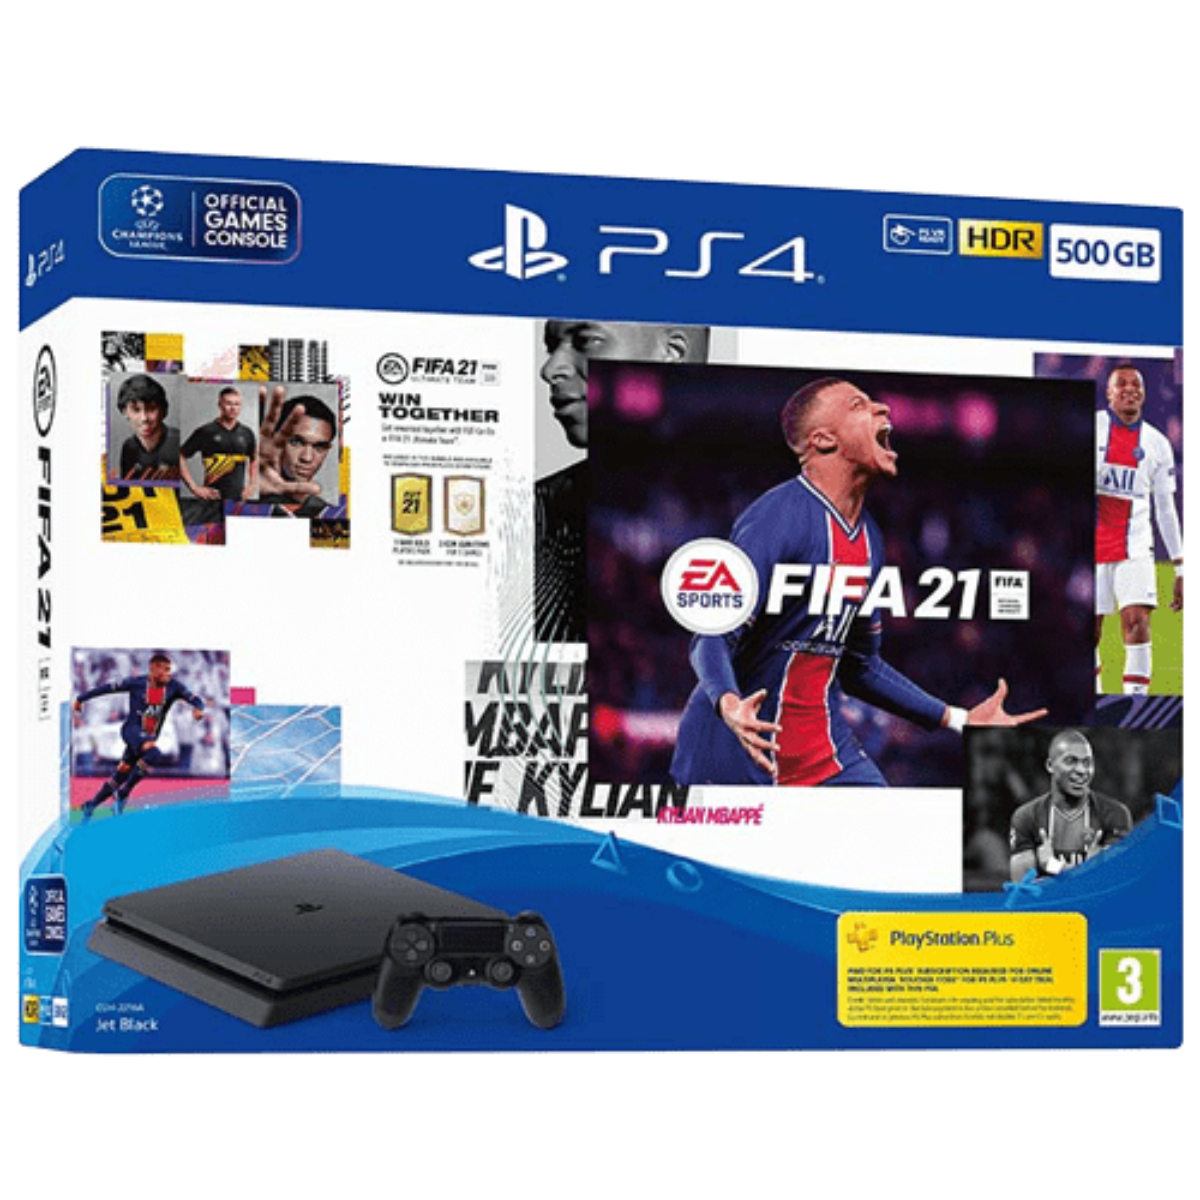 קונסולה PS4 SLIM 500GB ומשחק  FIFA21